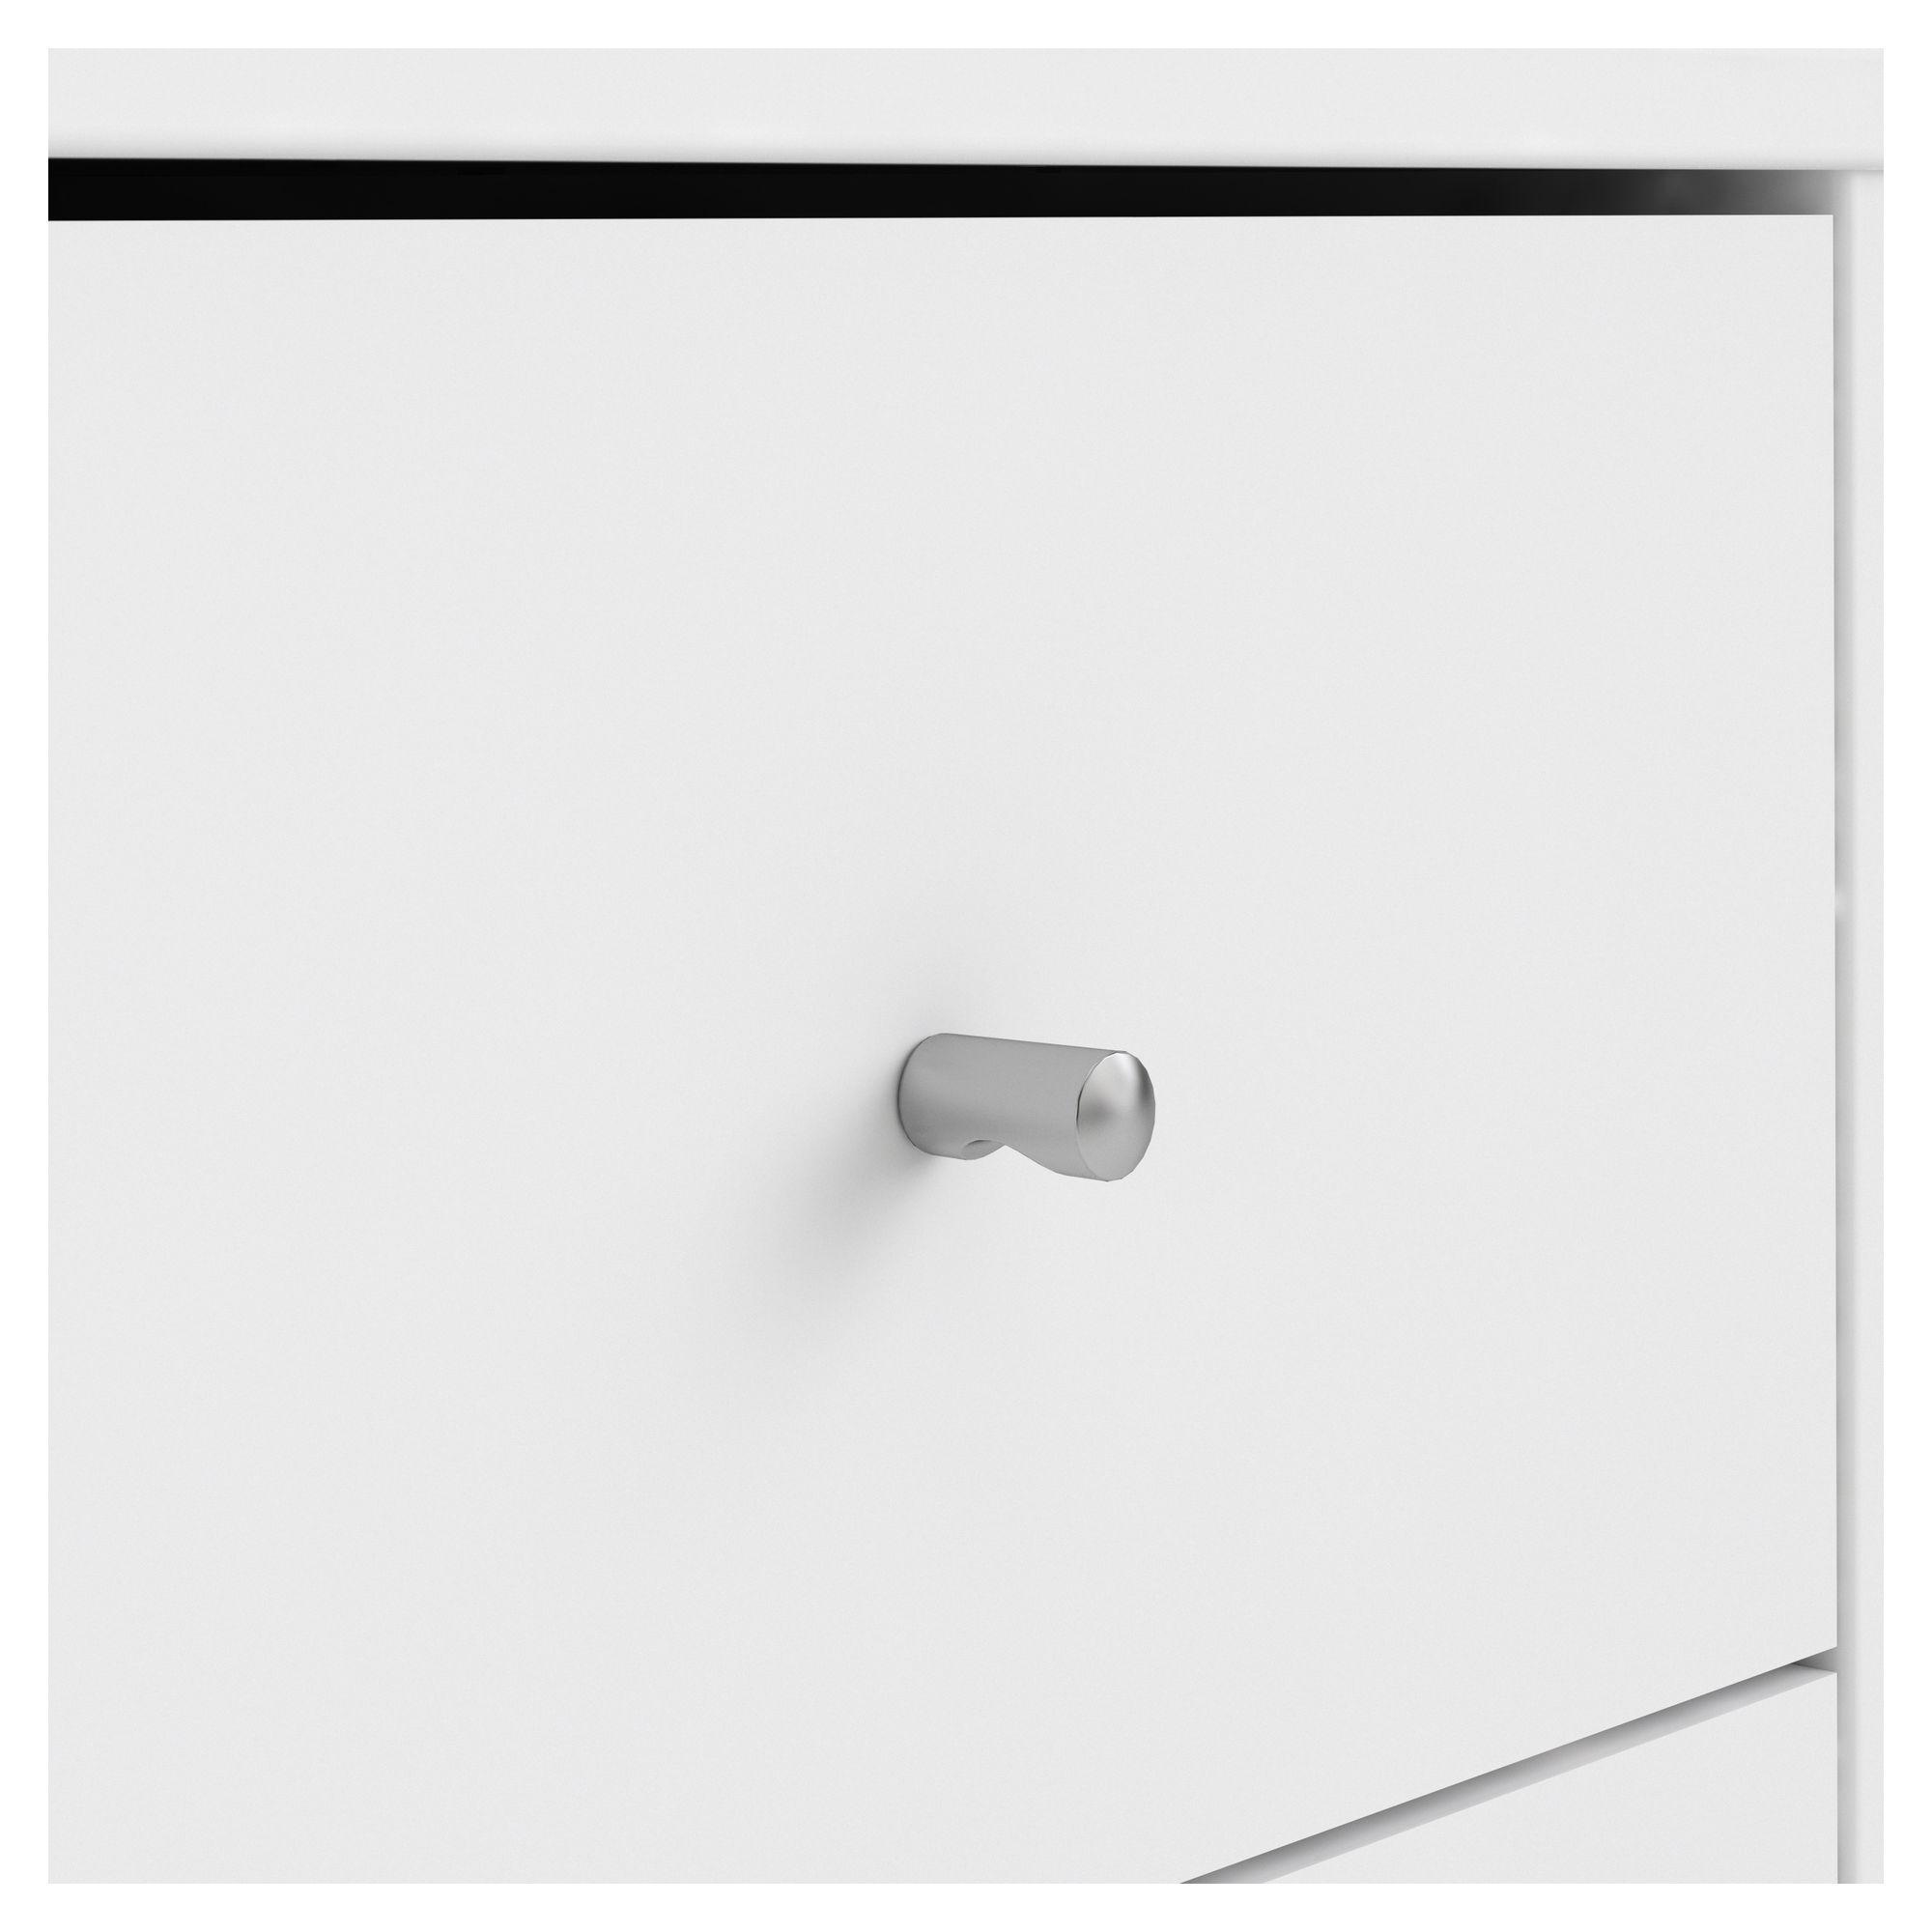 Linate Modul Reolvæg m. lav skænk - Mat Hvid/Egeben